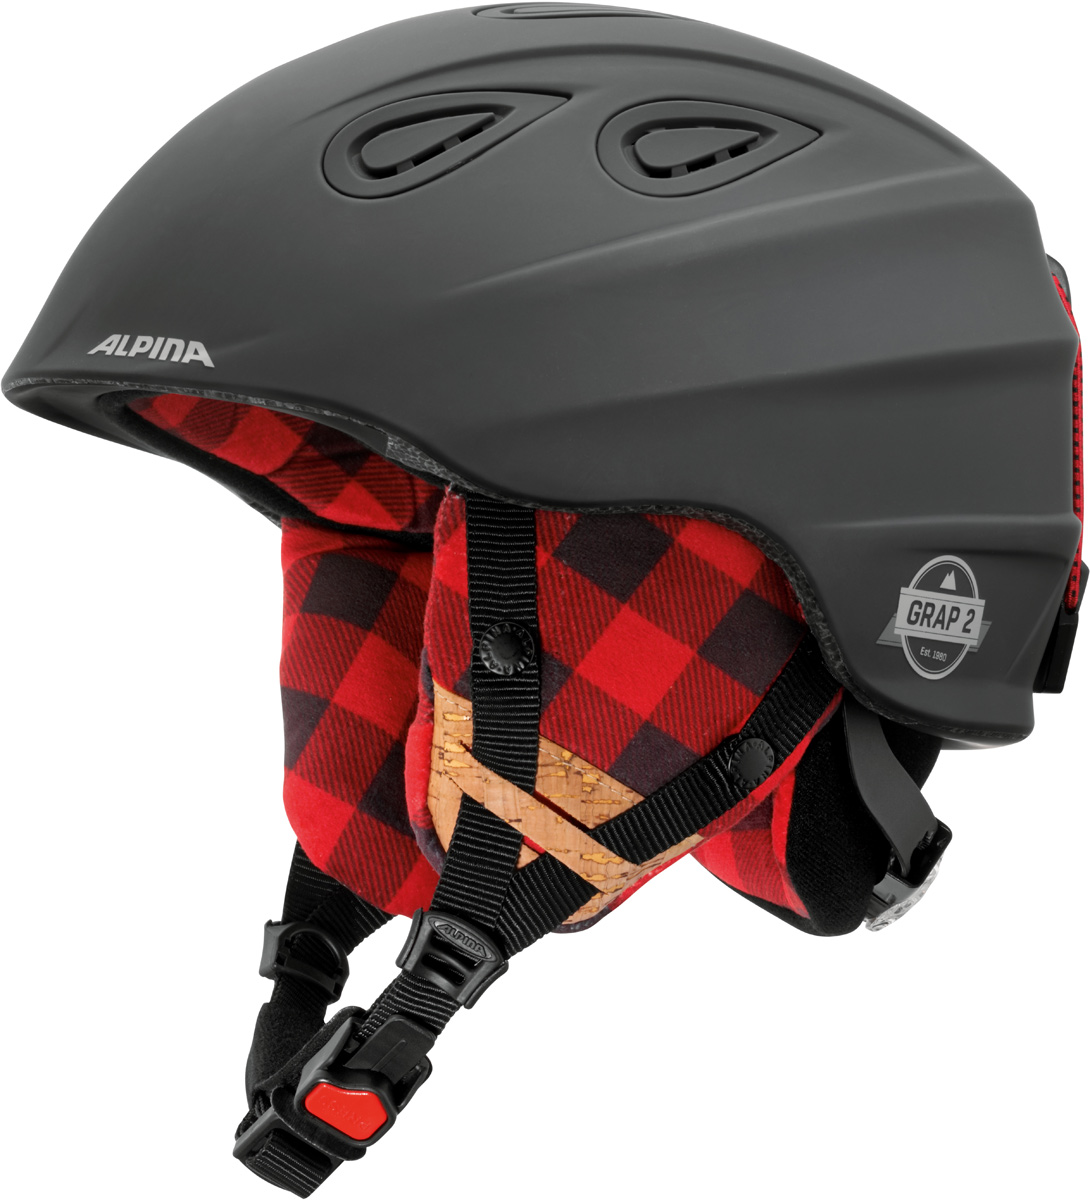 Шлем горнолыжный Alpina Grap 2.0 LE, цвет: черный. A9094_31. Размер 54-57 бензопила alpina серия black a 4500 18